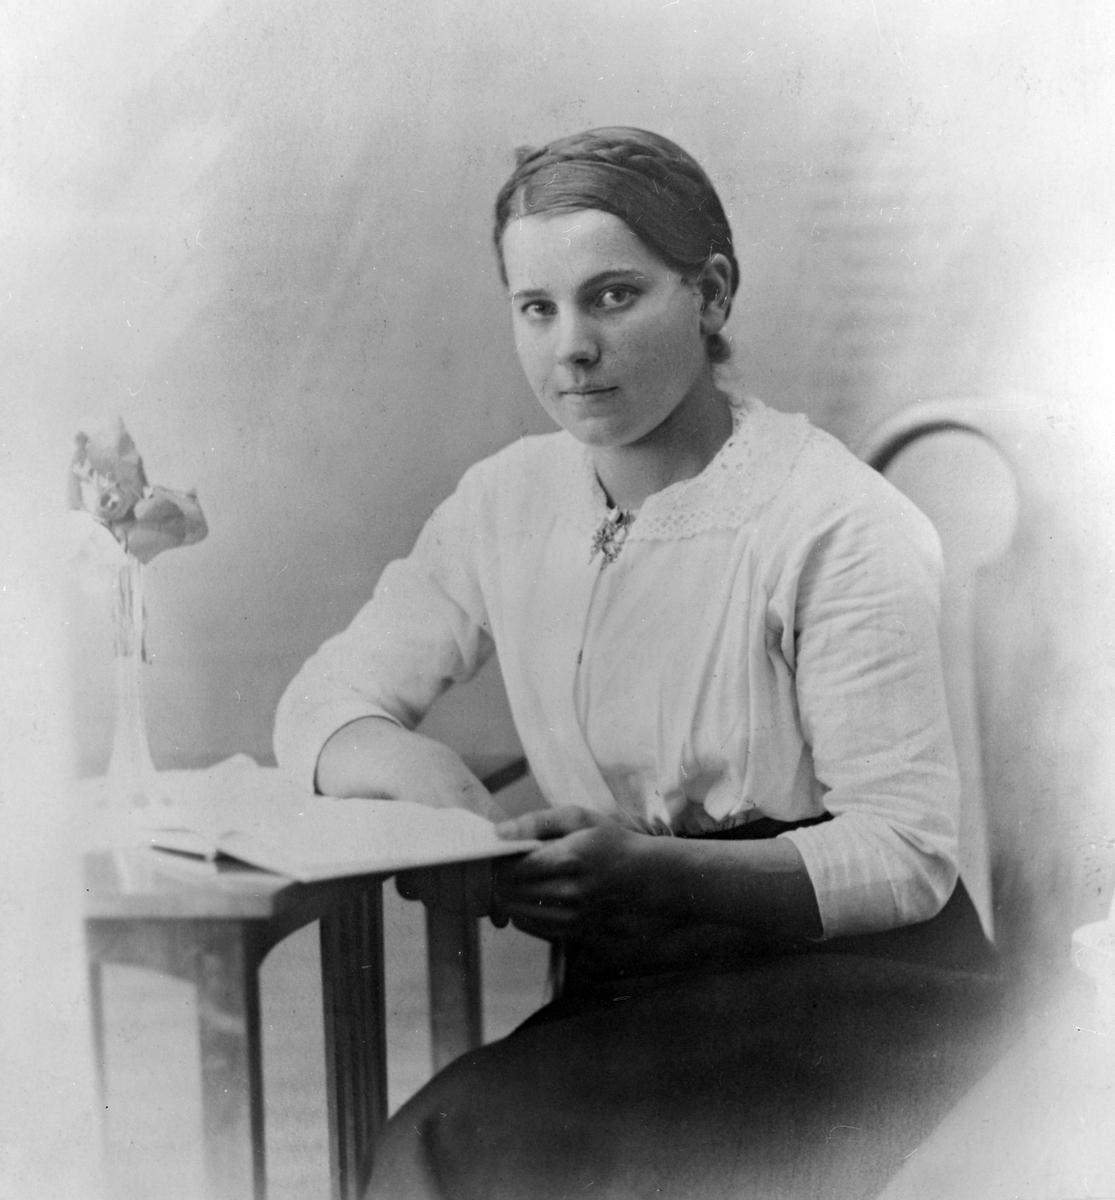 Gudrun Sæther, Sig Ts kone Ungdomsbilde Gudrun Sæter før de giftet seg, f 1900,  g 1926 Sig T. Bjorli